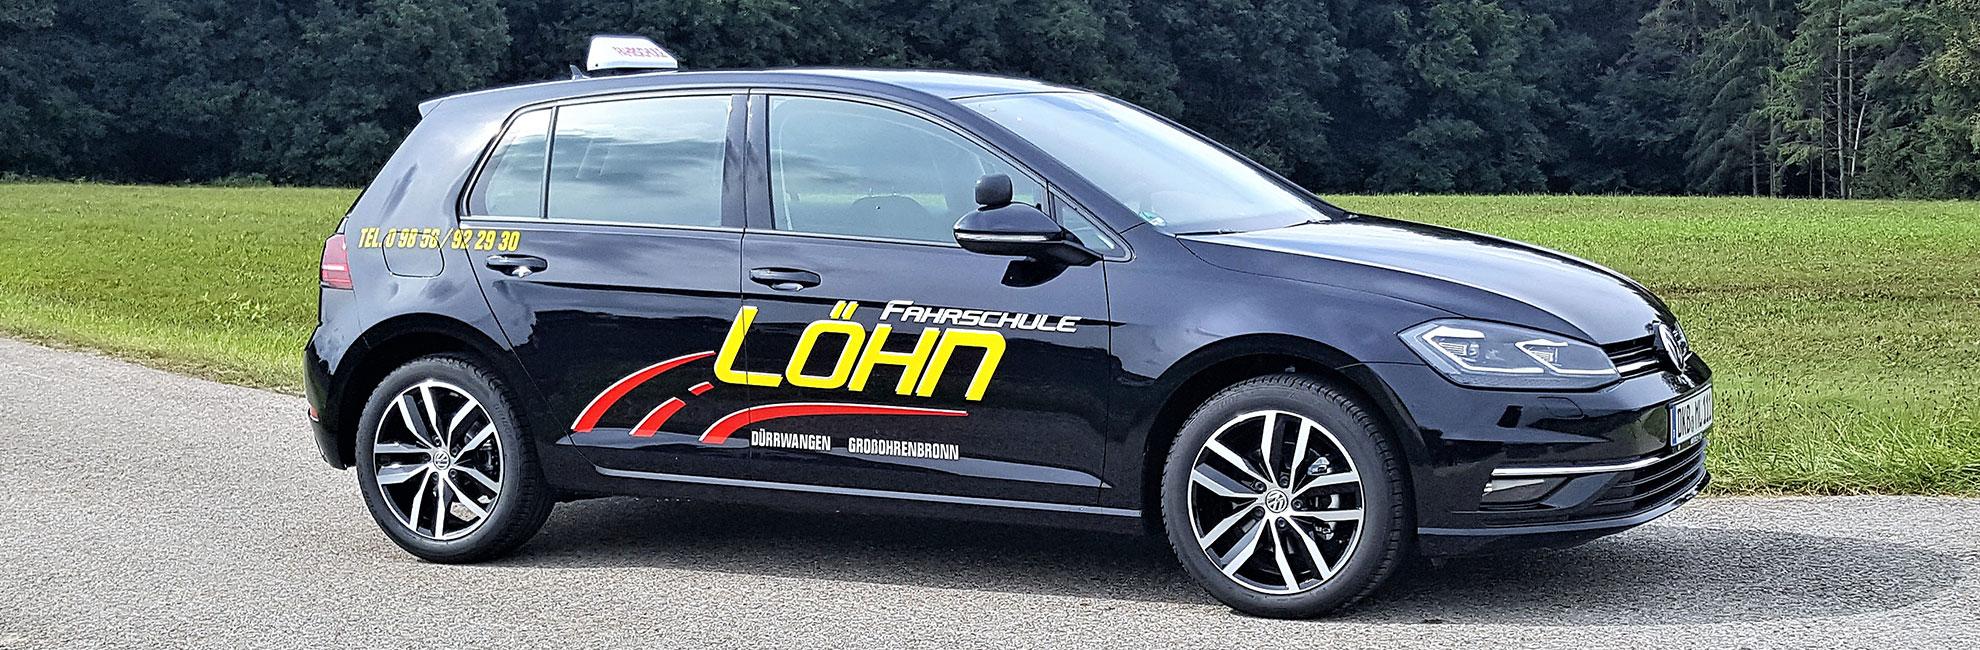 Fahrschule Löhn - Fahrschulauto VW Golf 7